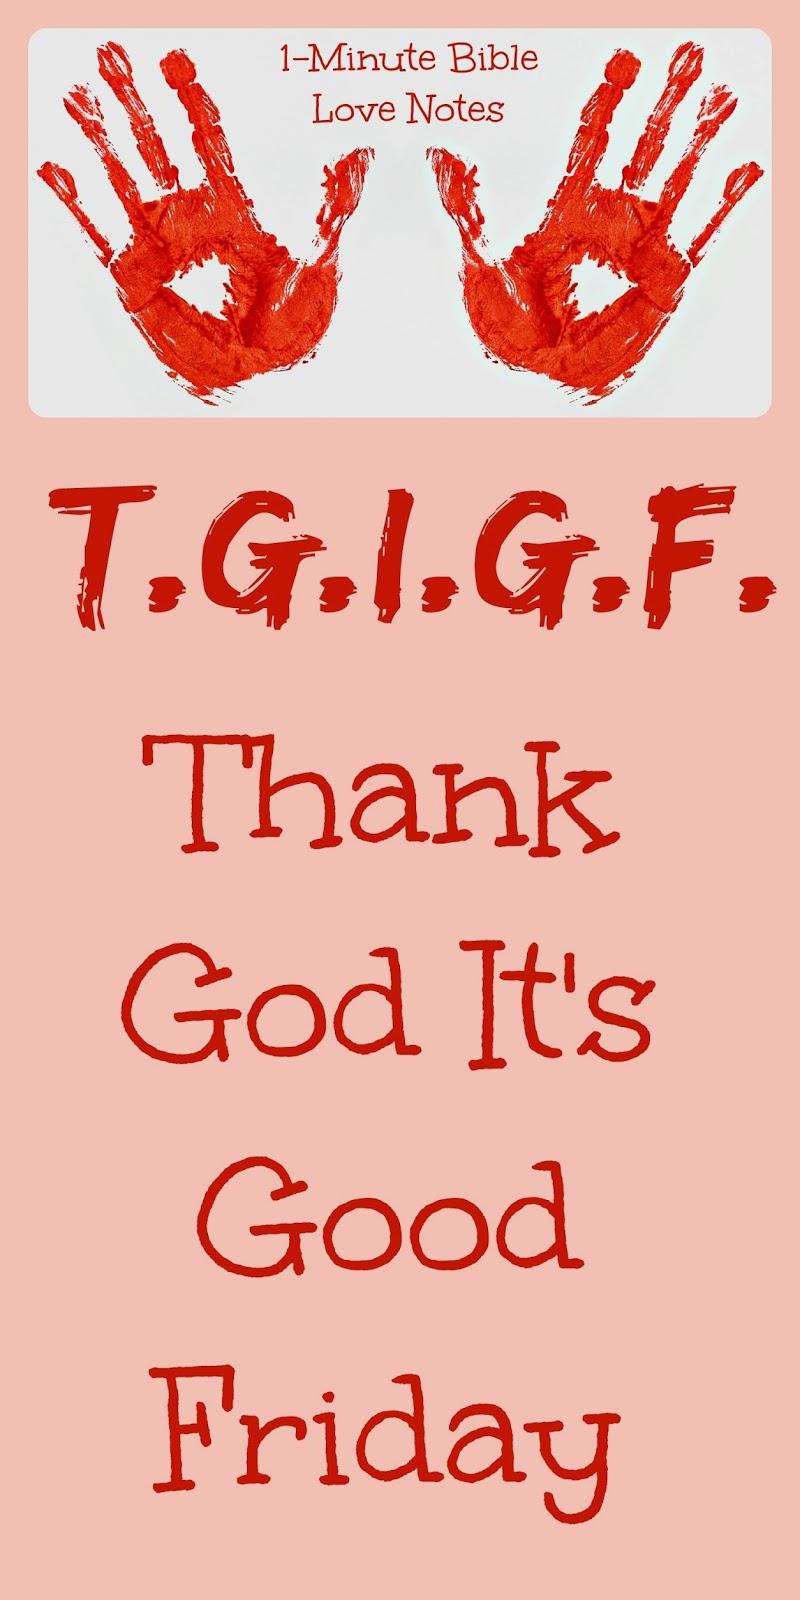 TGIGF, Good Friday, TGIF, For us